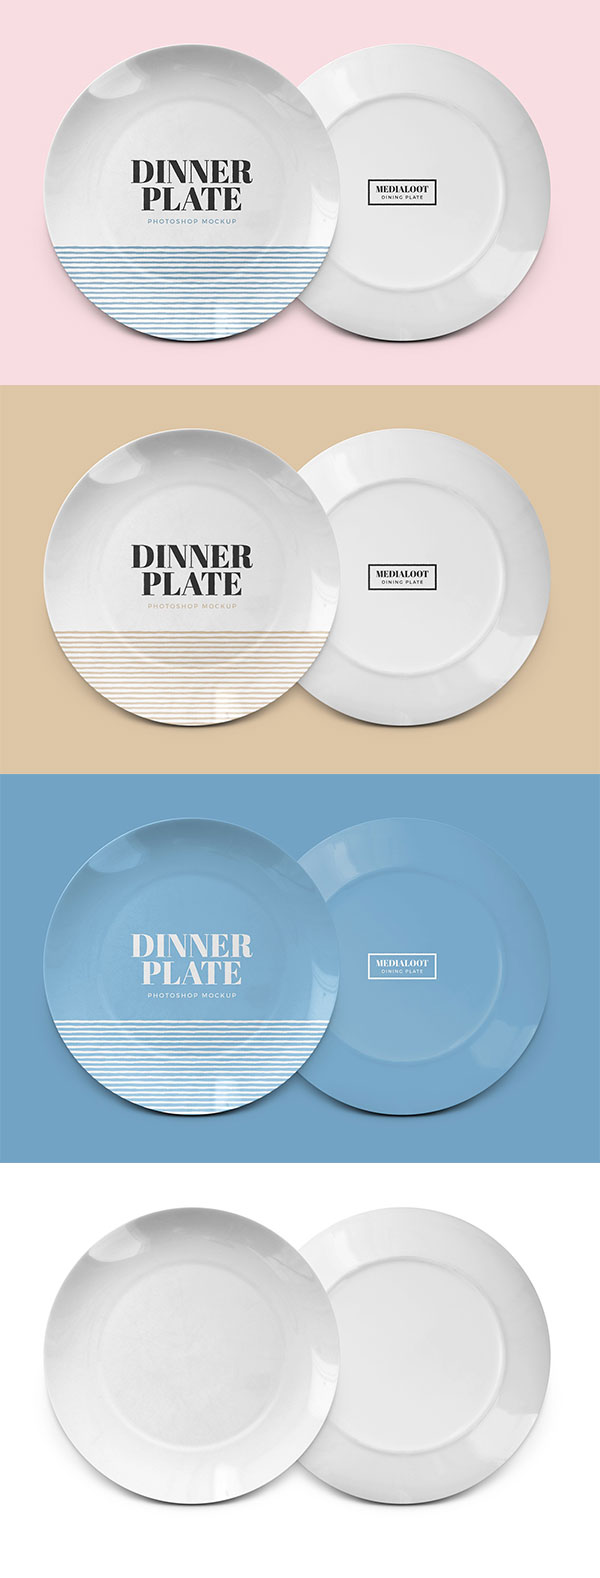 陶瓷餐盘样机